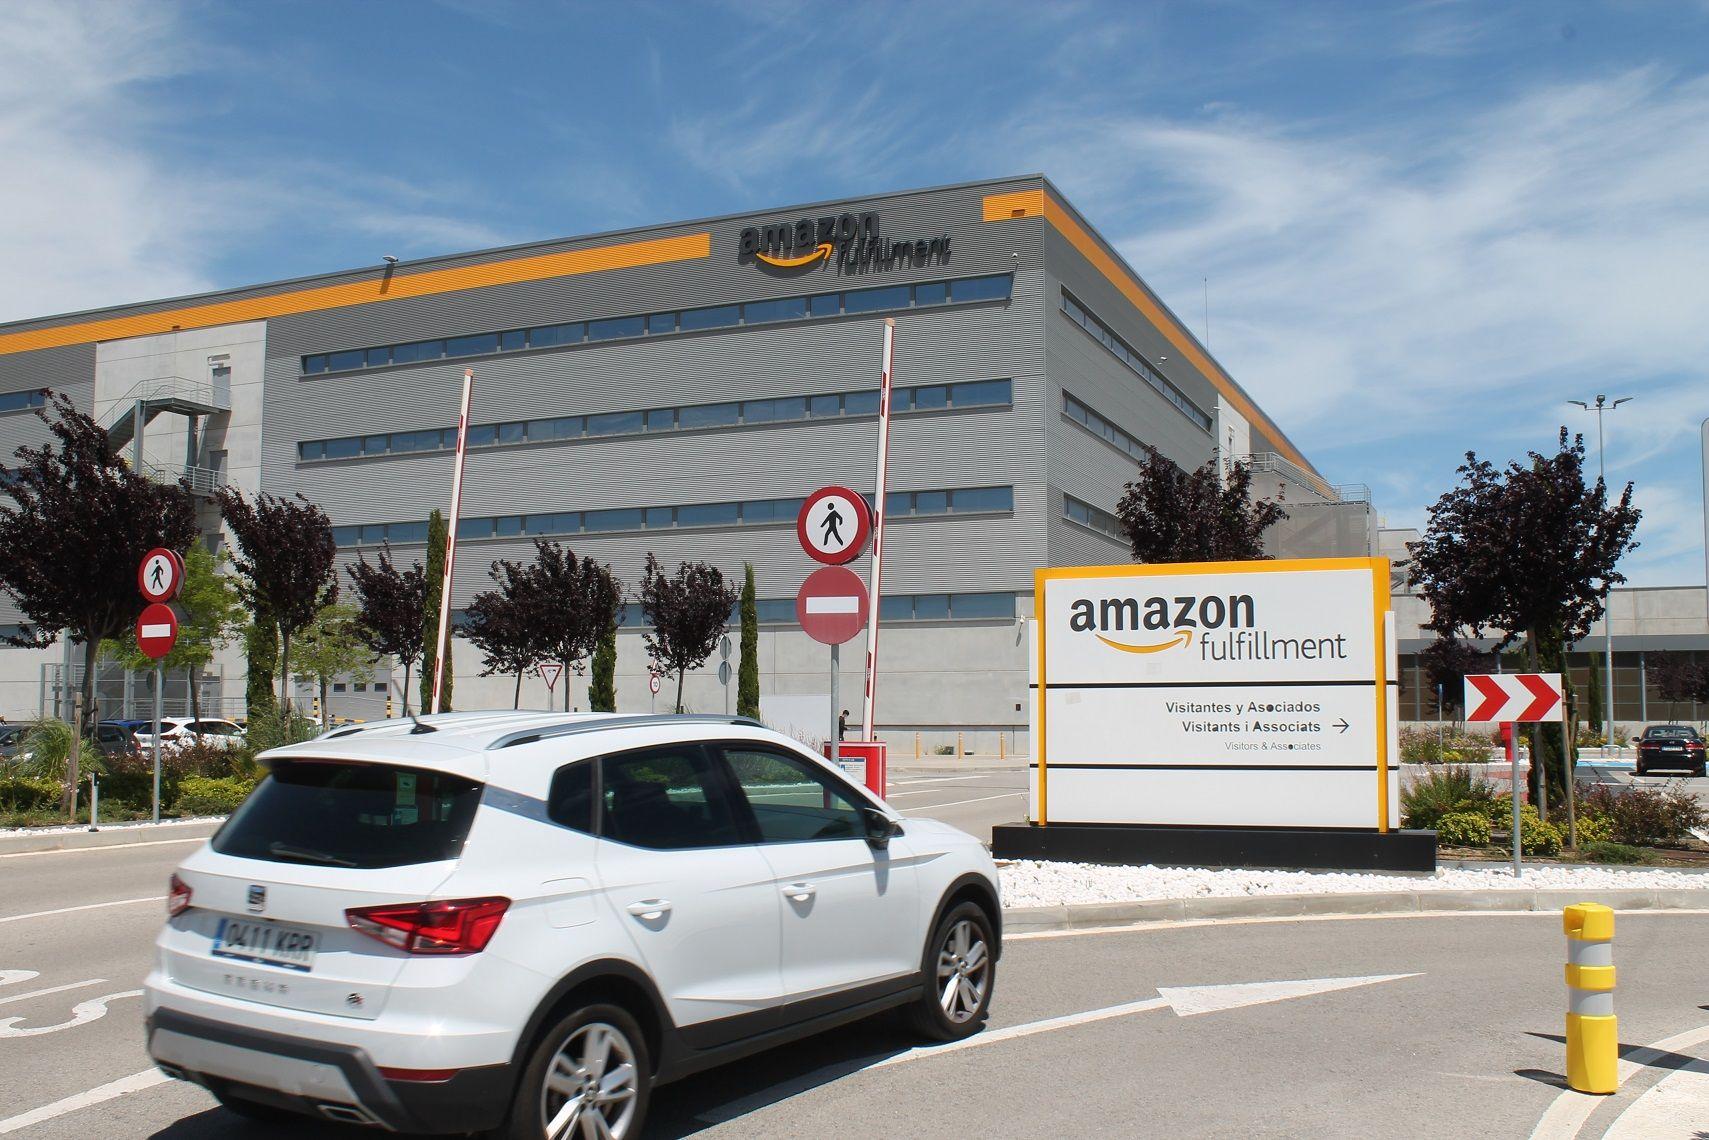 La entrada al centro logístico de Amazon en las afueras de Barcelona.JPG